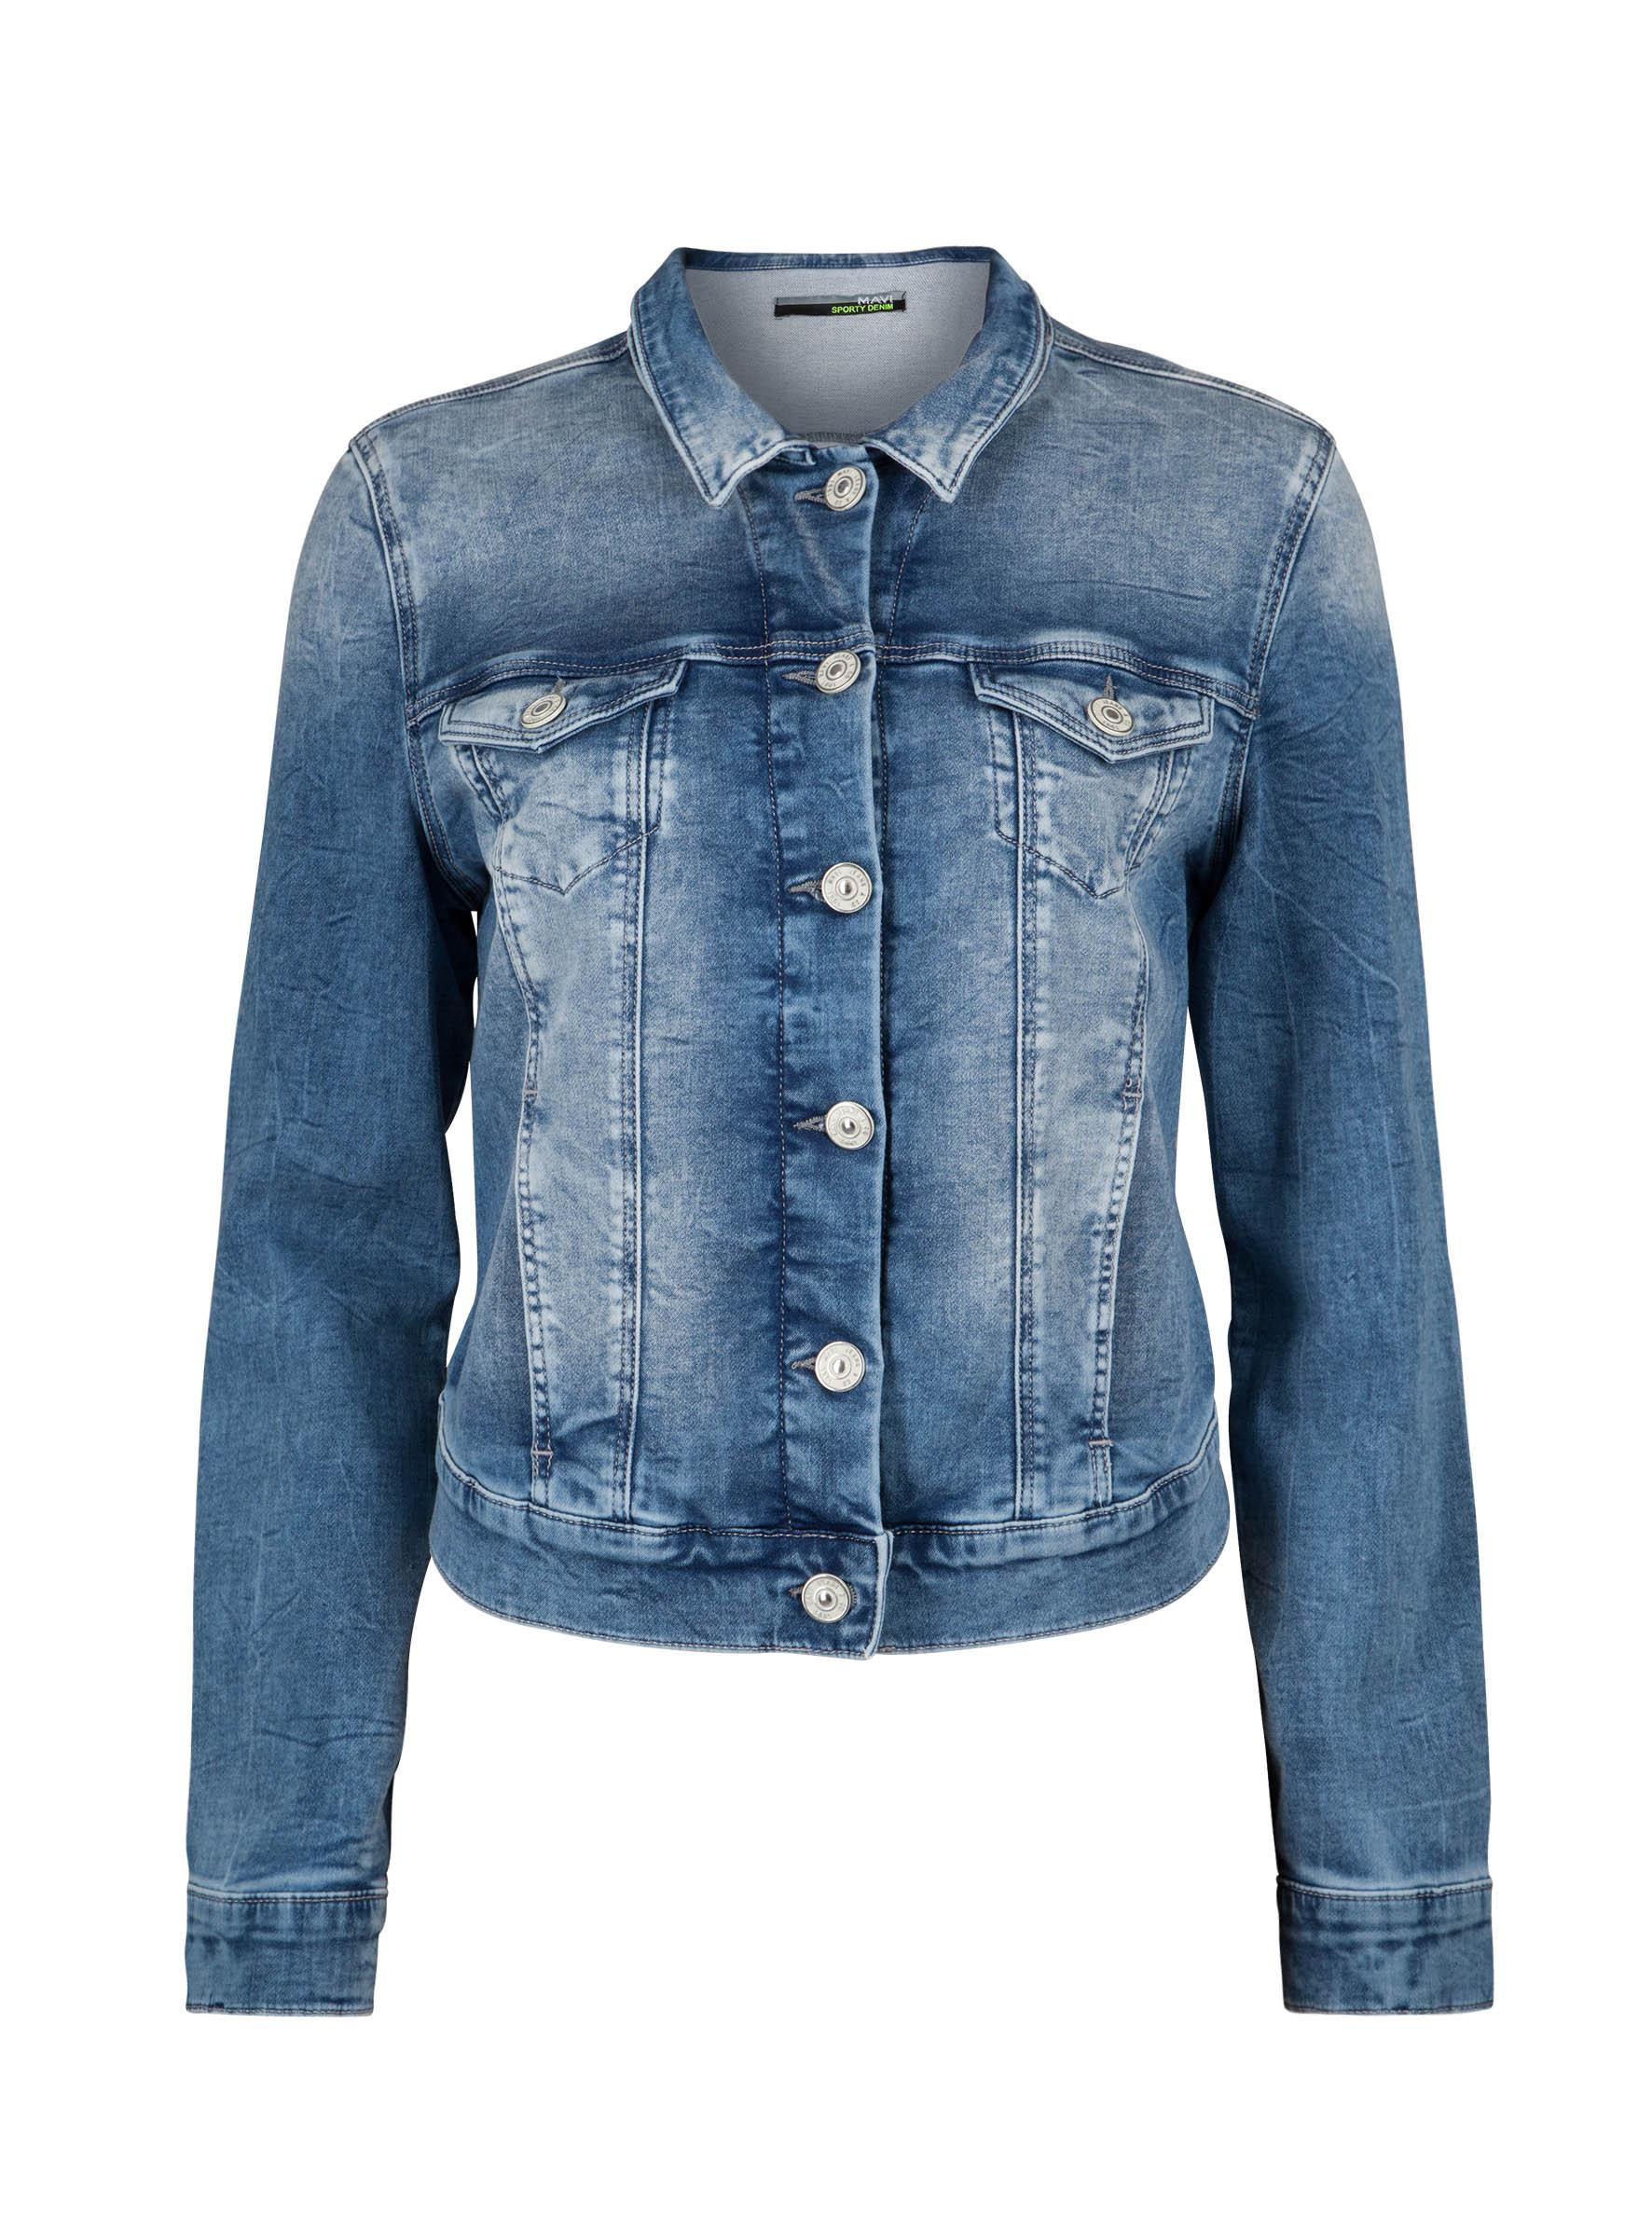 modische Jeansjacke Charlize in der Mavi Jeans Kollektion